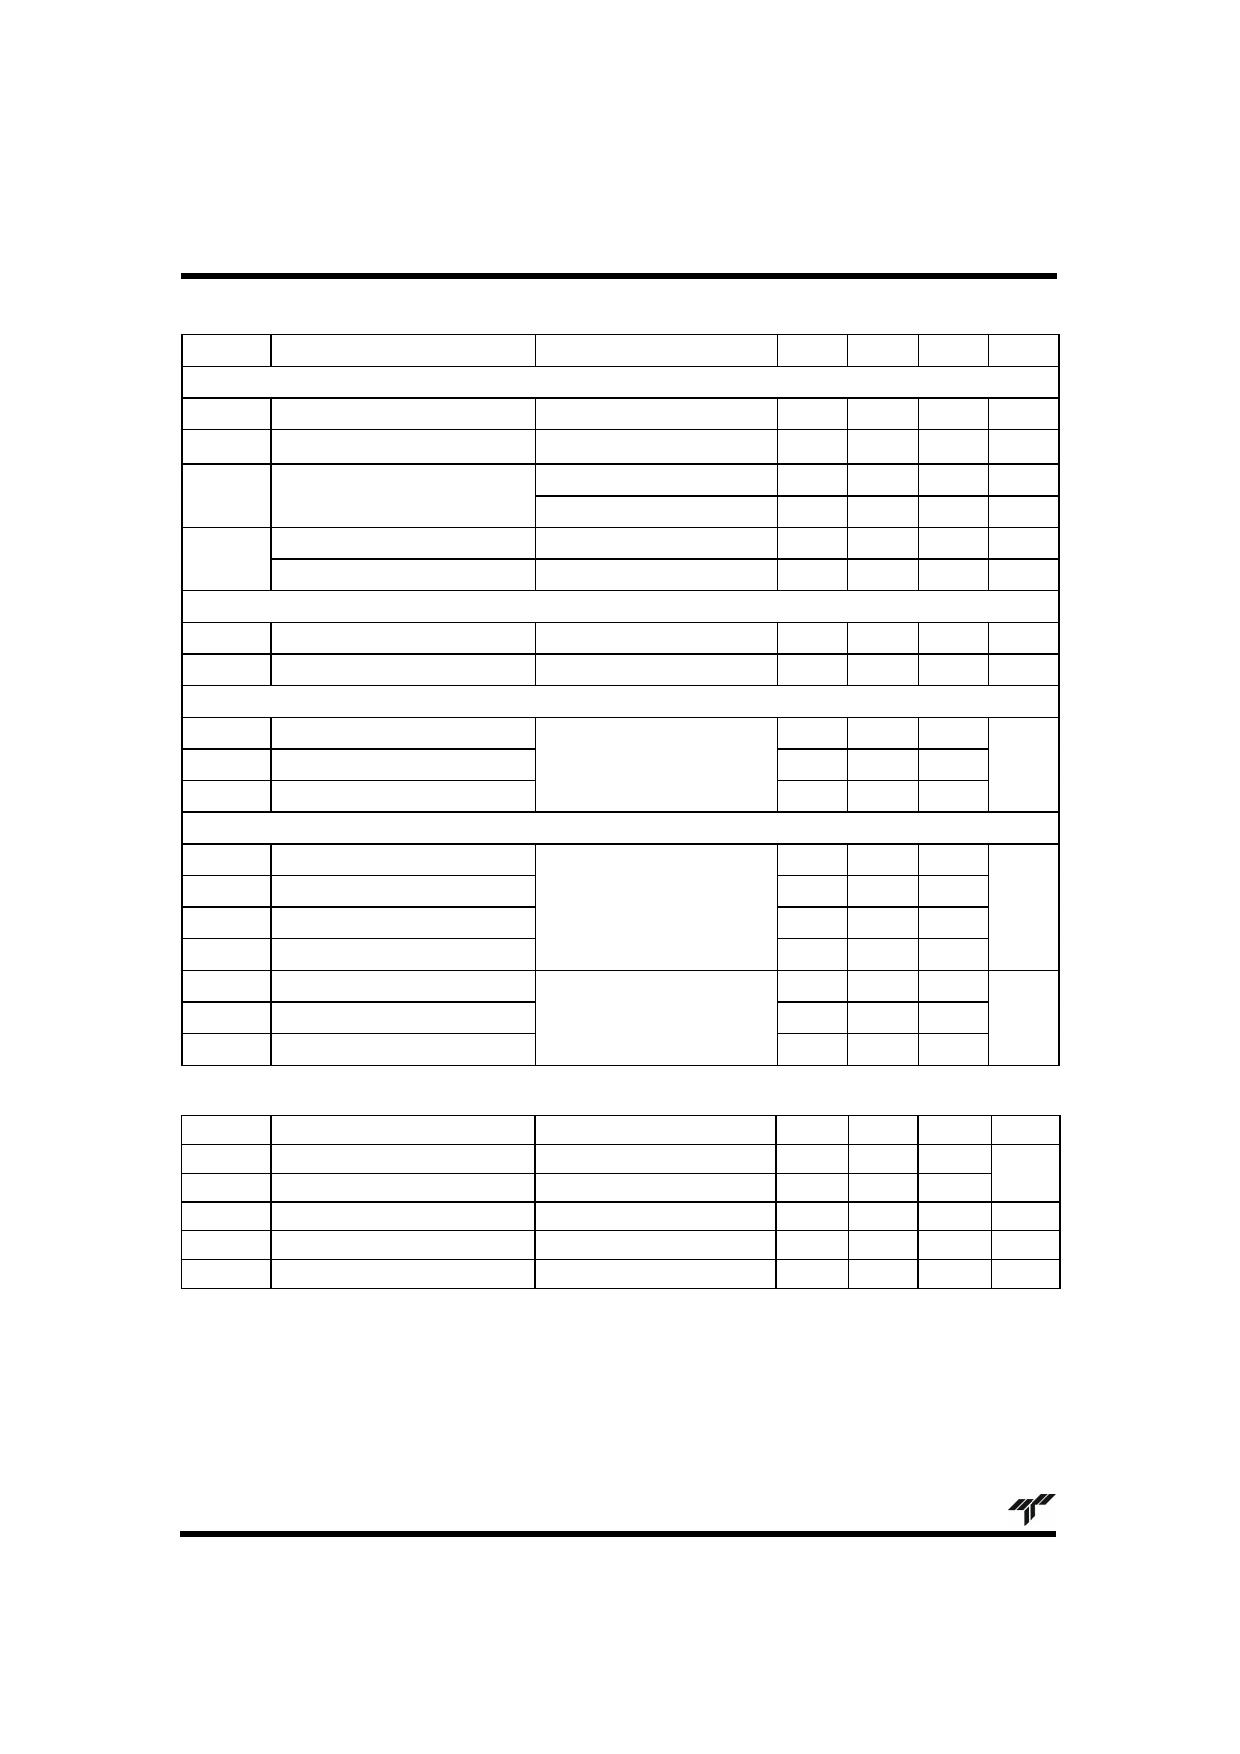 TSF8N60M pdf pinout